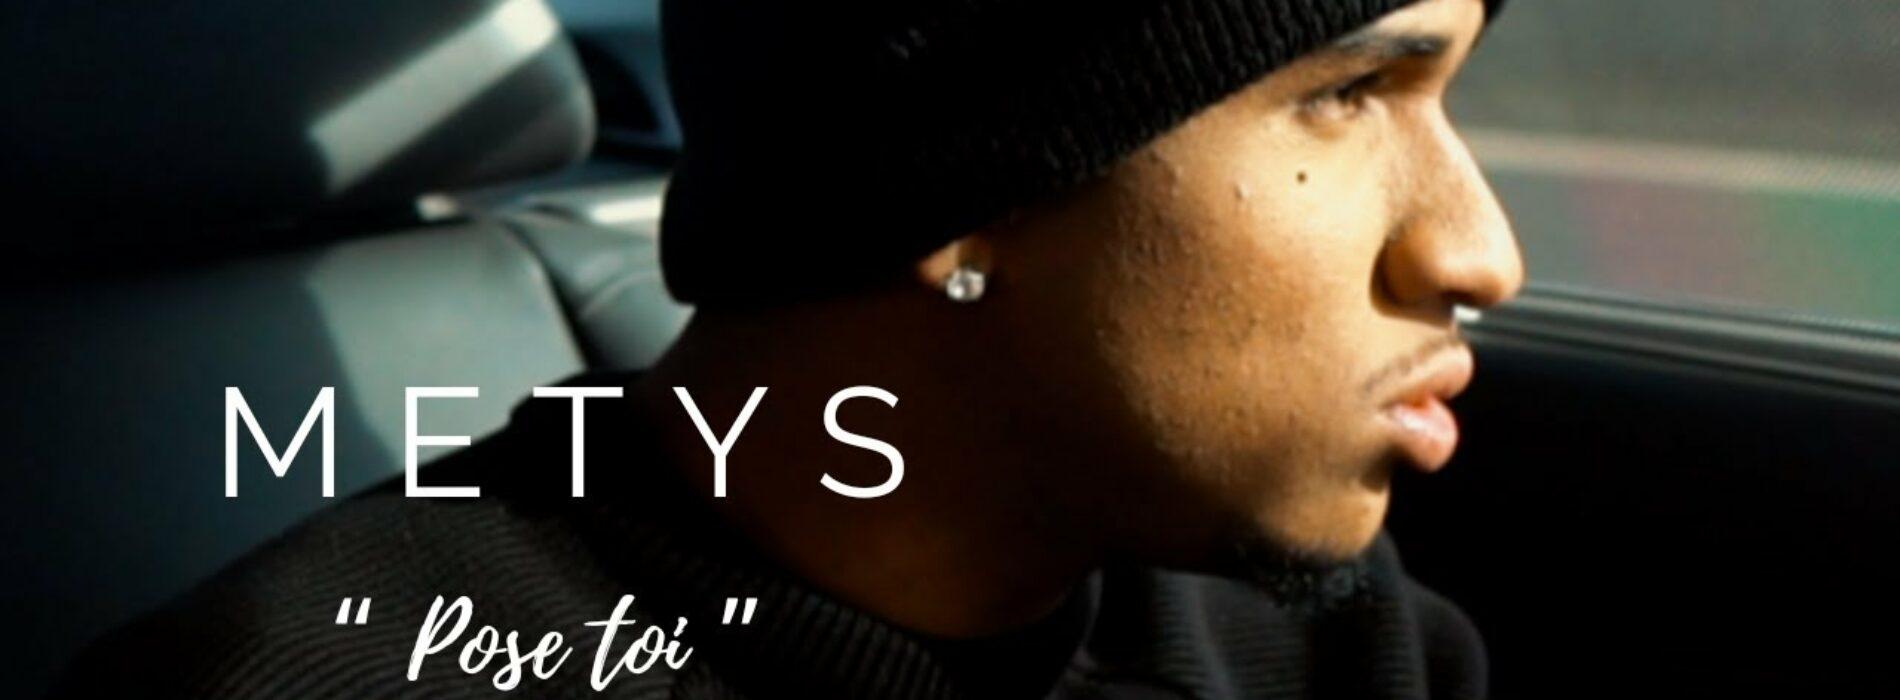 METYS – Pose toi ( Clip Officiel ) – Mars 2021